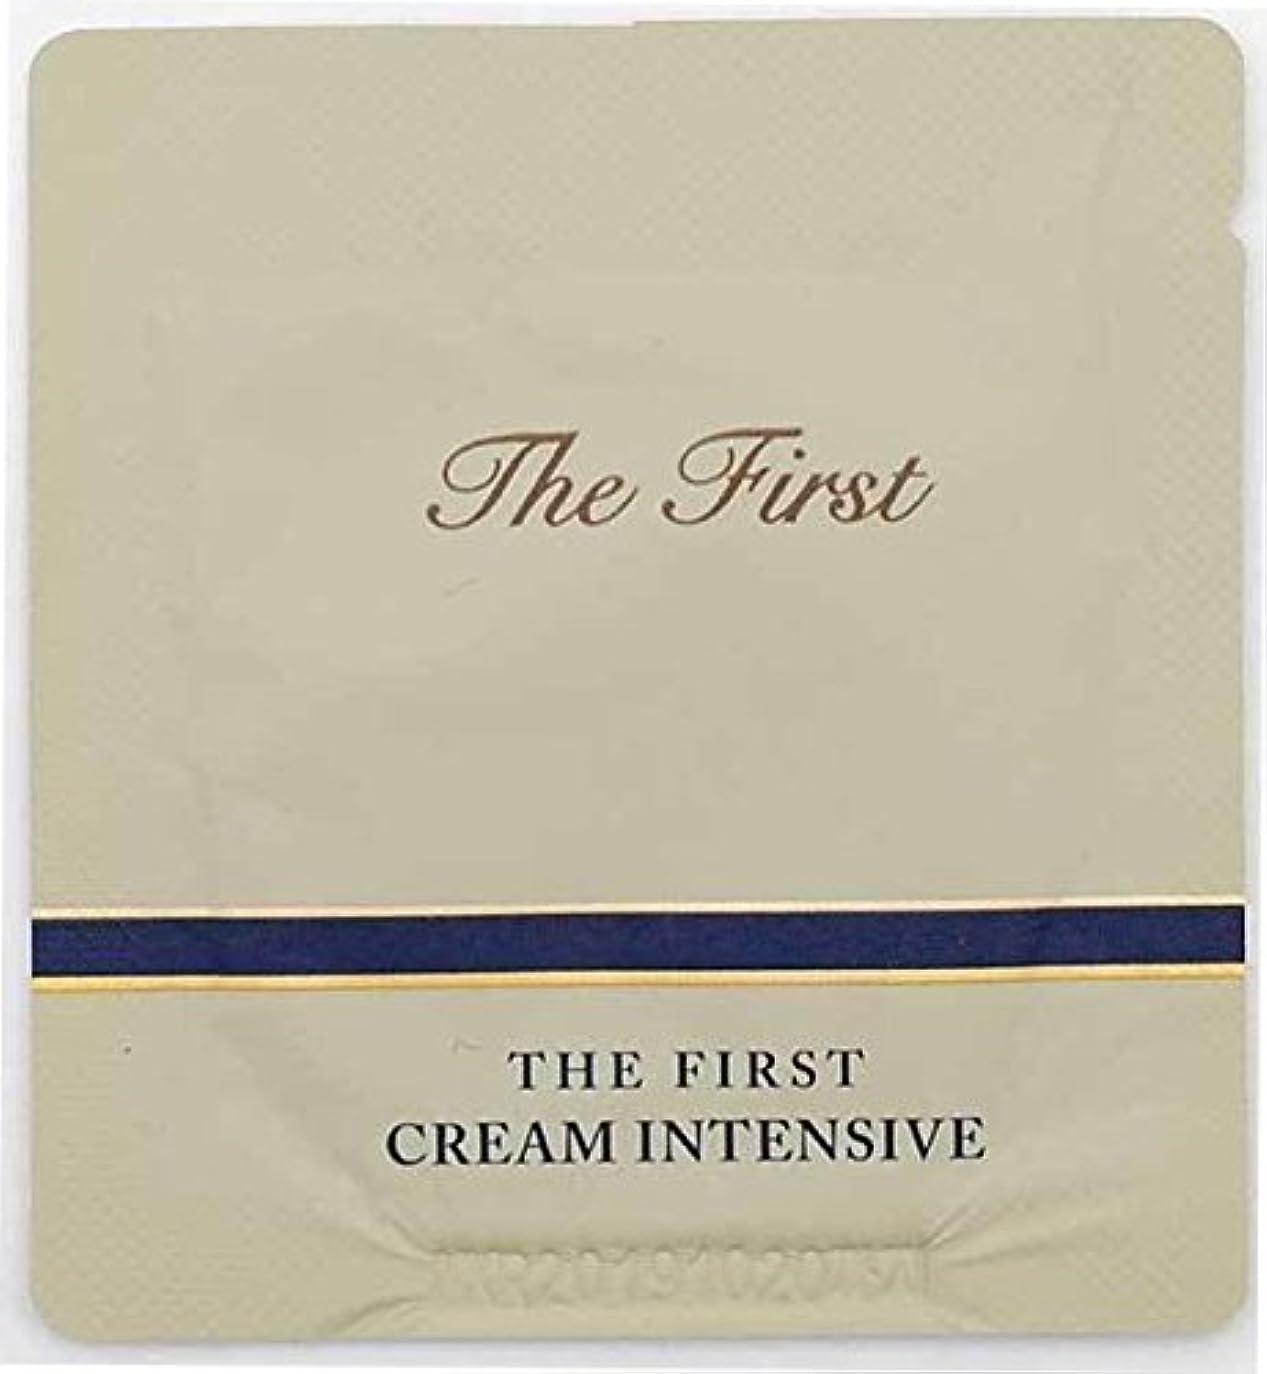 即席手書き解釈的[サンプル] OHUI The First Cream intensive 1ml × 30ea/オフィ ザ ファースト クリーム インテンシブ 1ml × 30個